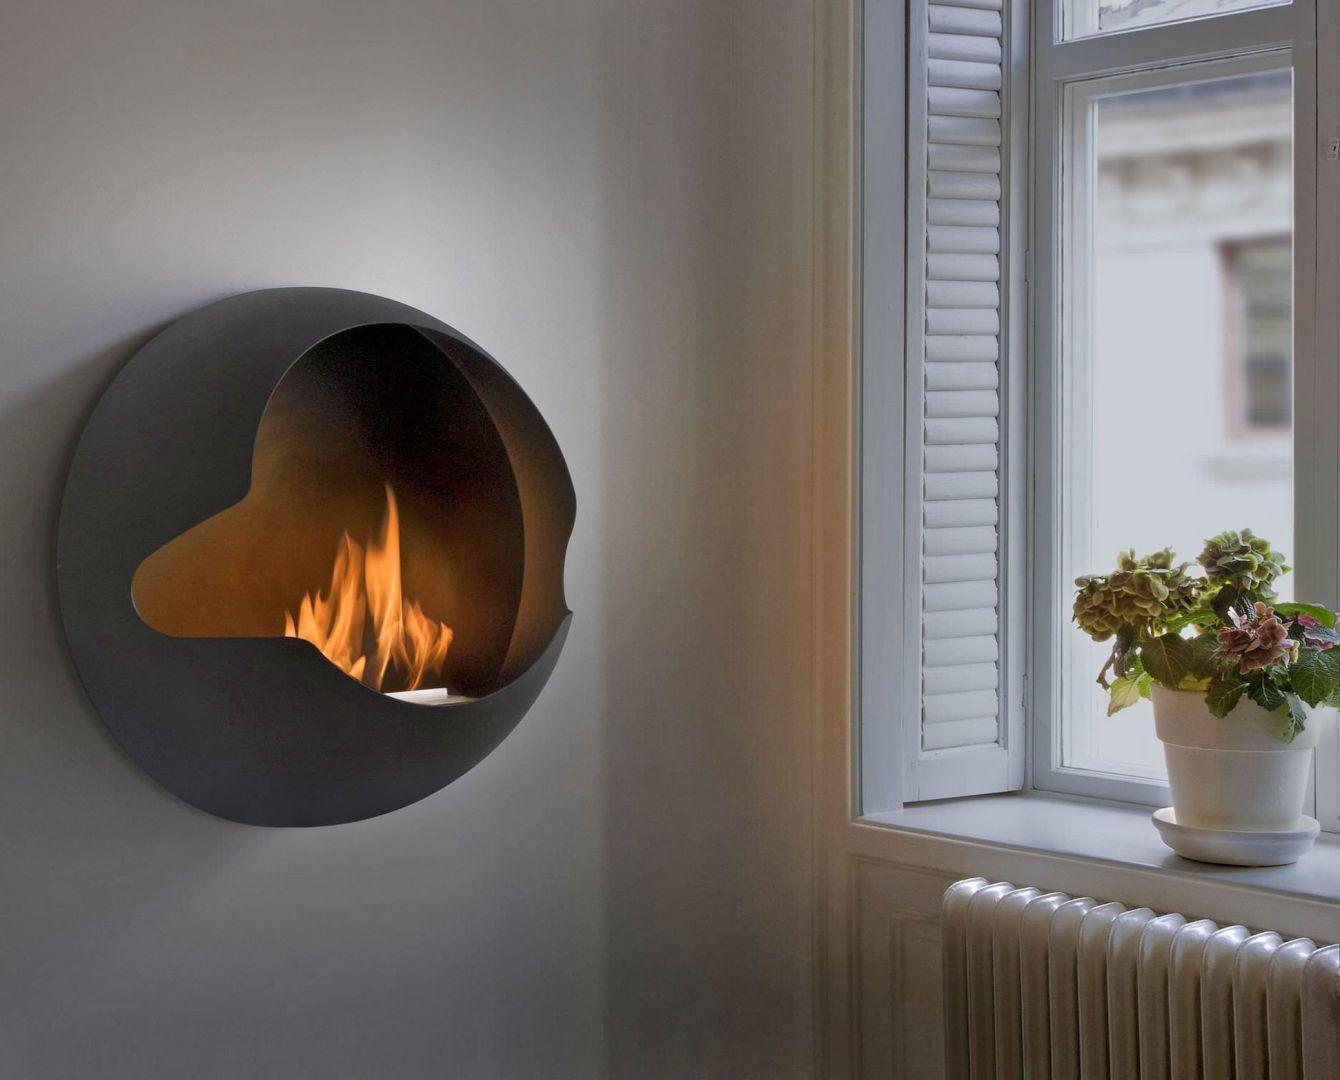 cheminee ethanol avis cheminee ethanol avis cheminee ethanol pas cher with cheminee ethanol. Black Bedroom Furniture Sets. Home Design Ideas